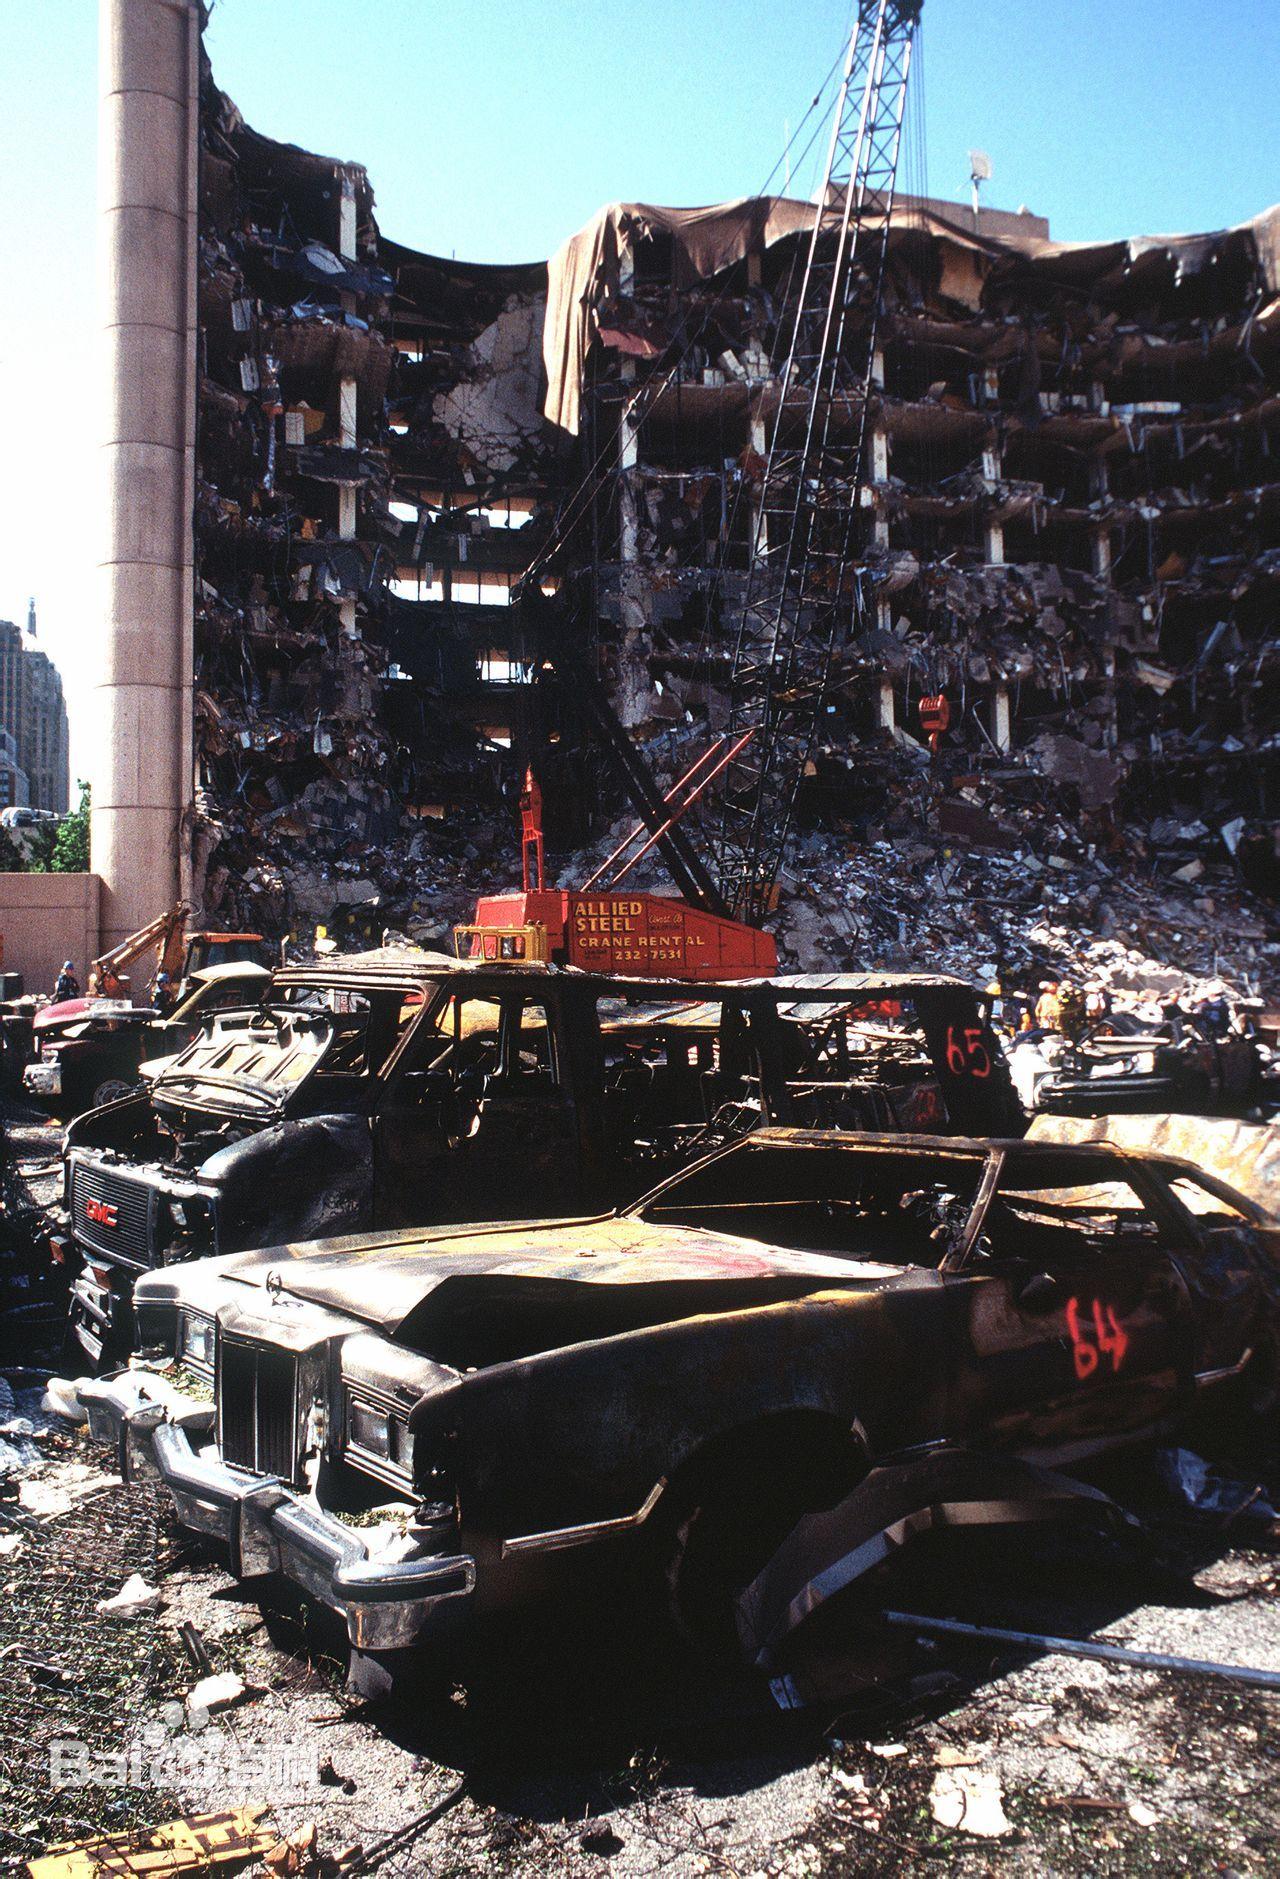 俄克拉荷马市大爆炸事件:退伍军人报复美国政府,炸死168人伤680人